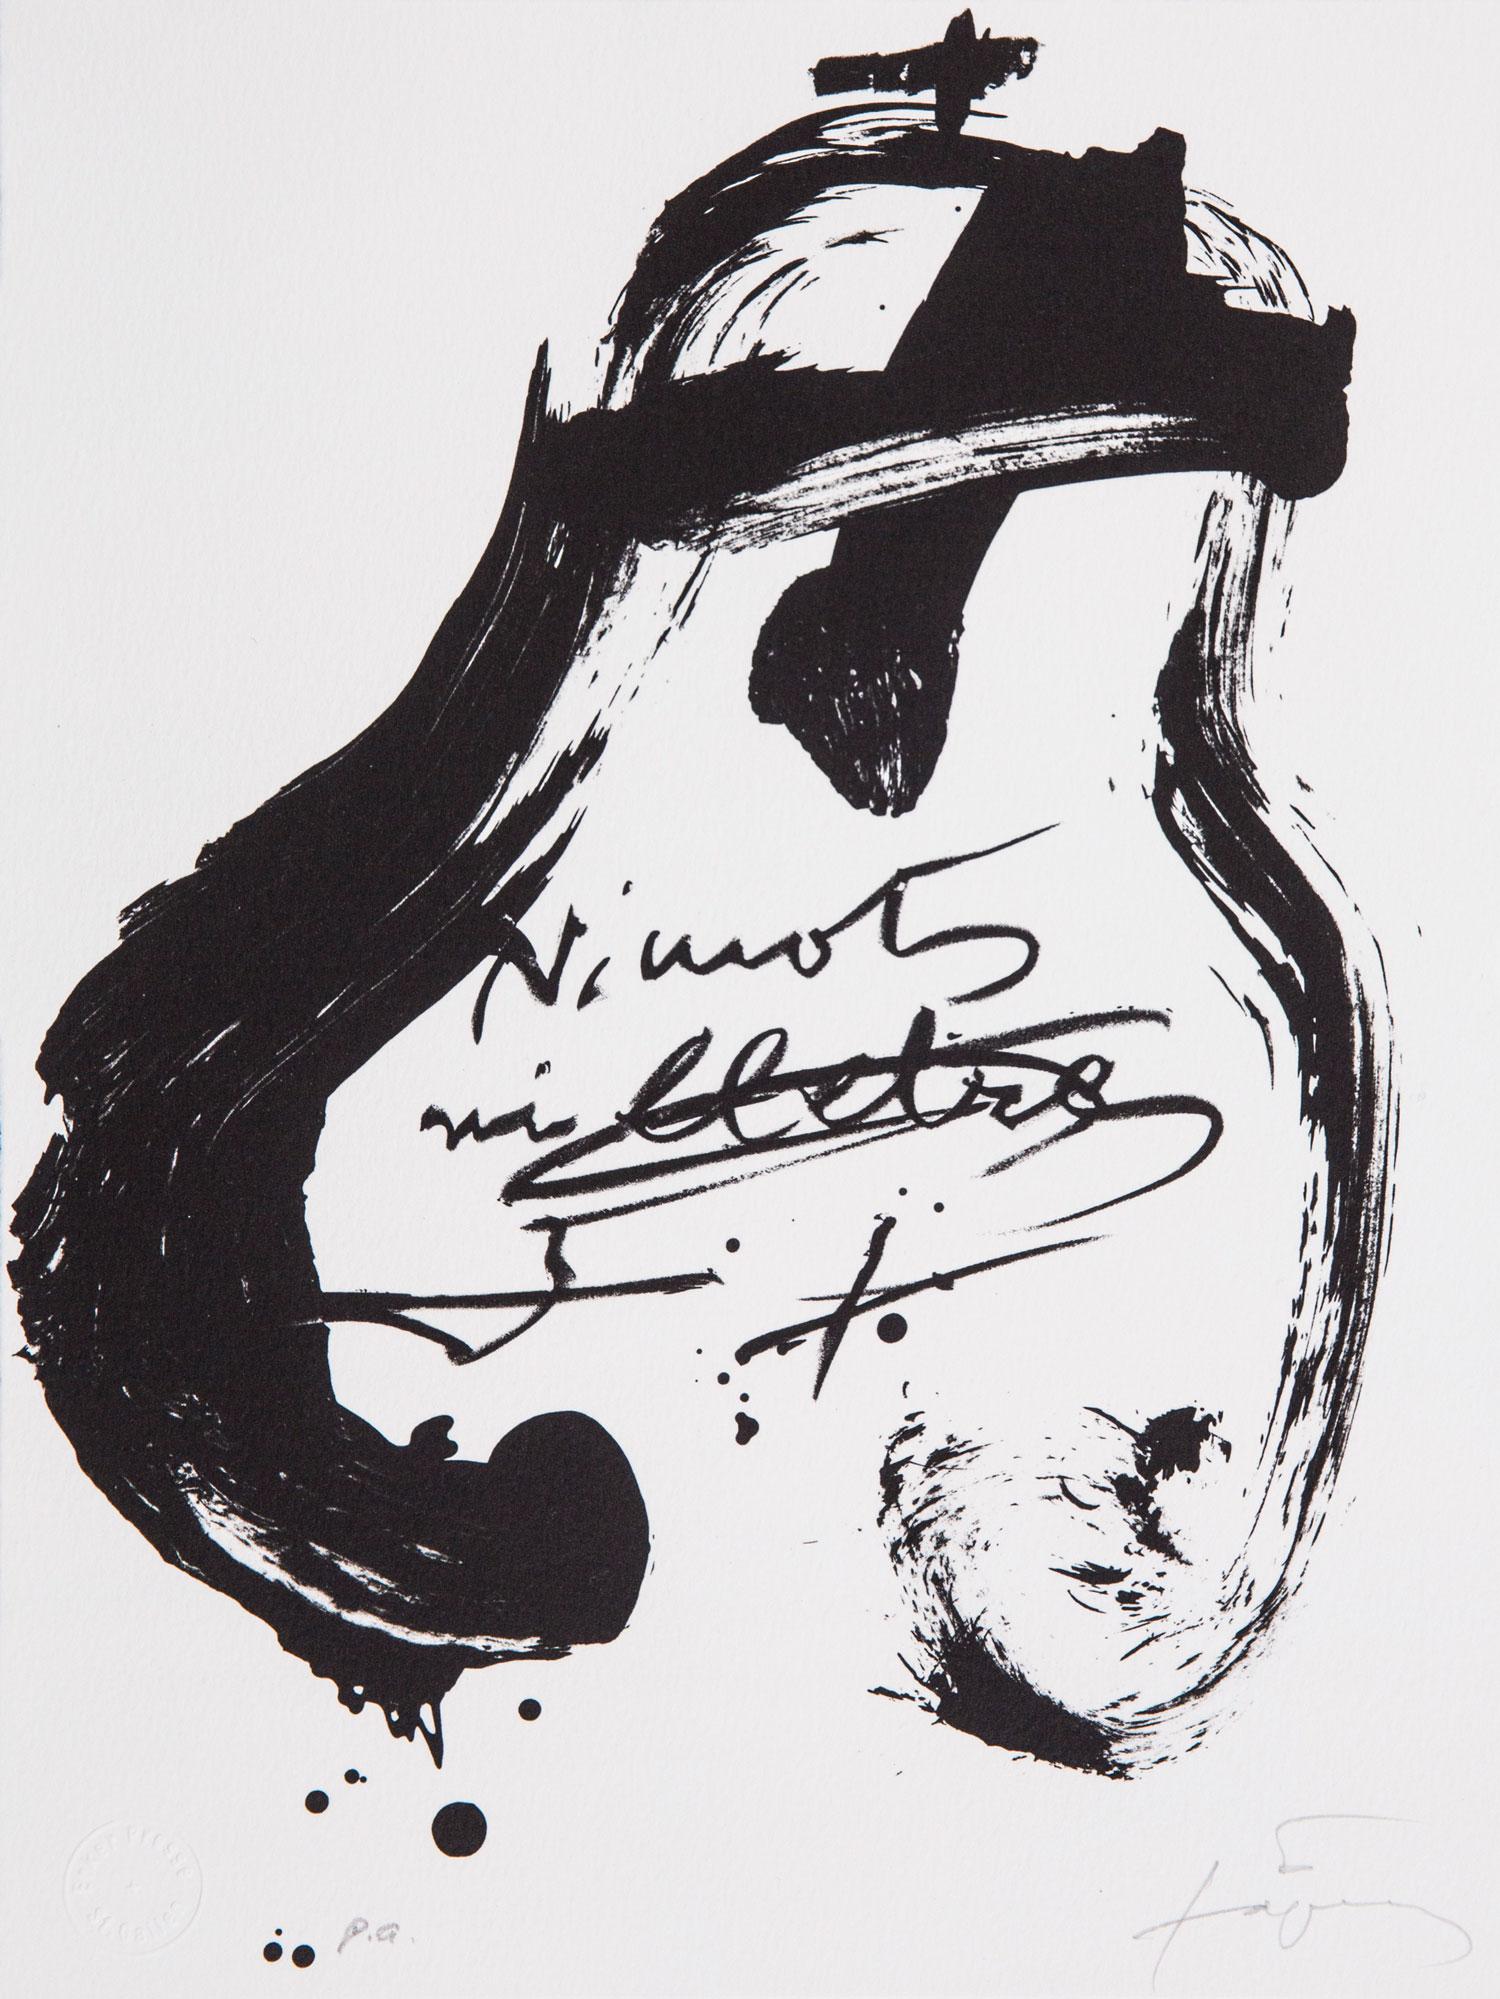 """Antoni Tàpies Künstlerbücher, Holzschnitt-Reihe """"Suite Erker"""", Ni mots, ni lletres, 1993"""